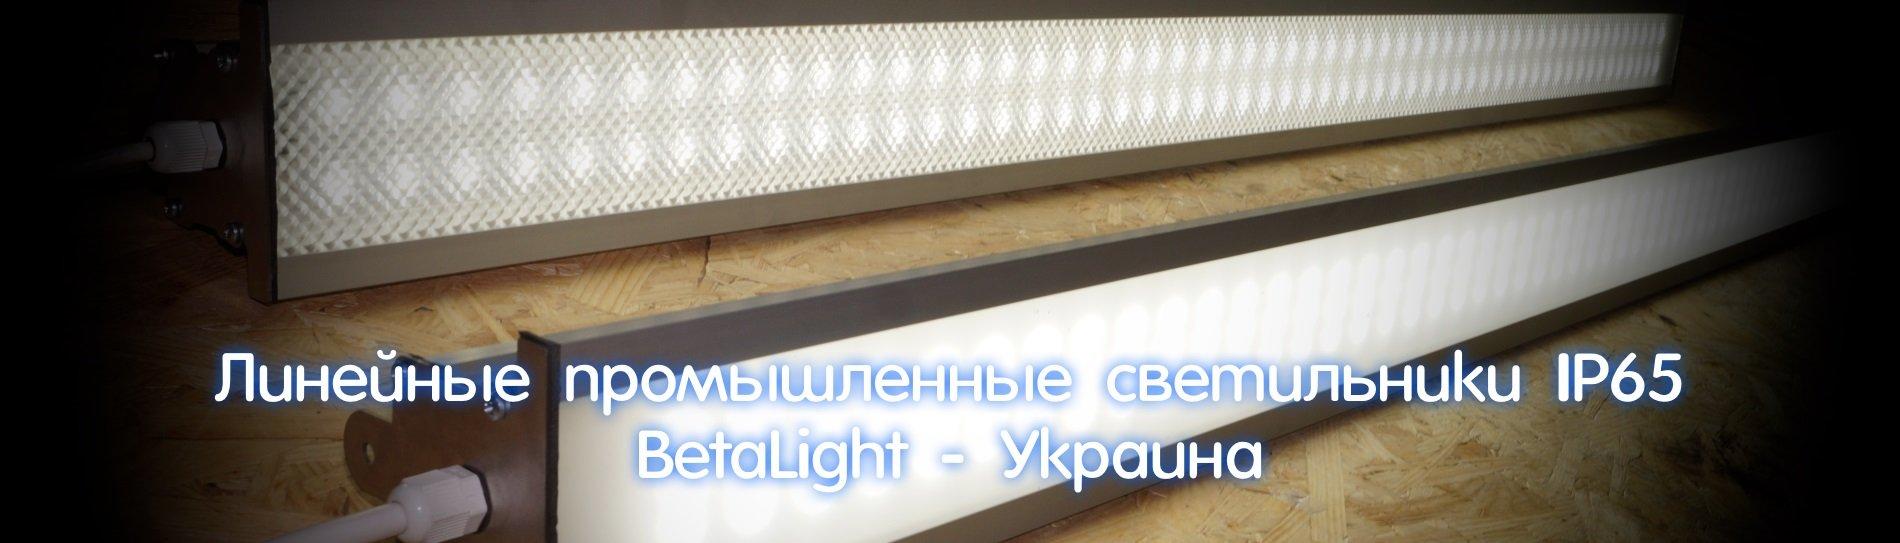 Линейные промышленные светильники IP-65